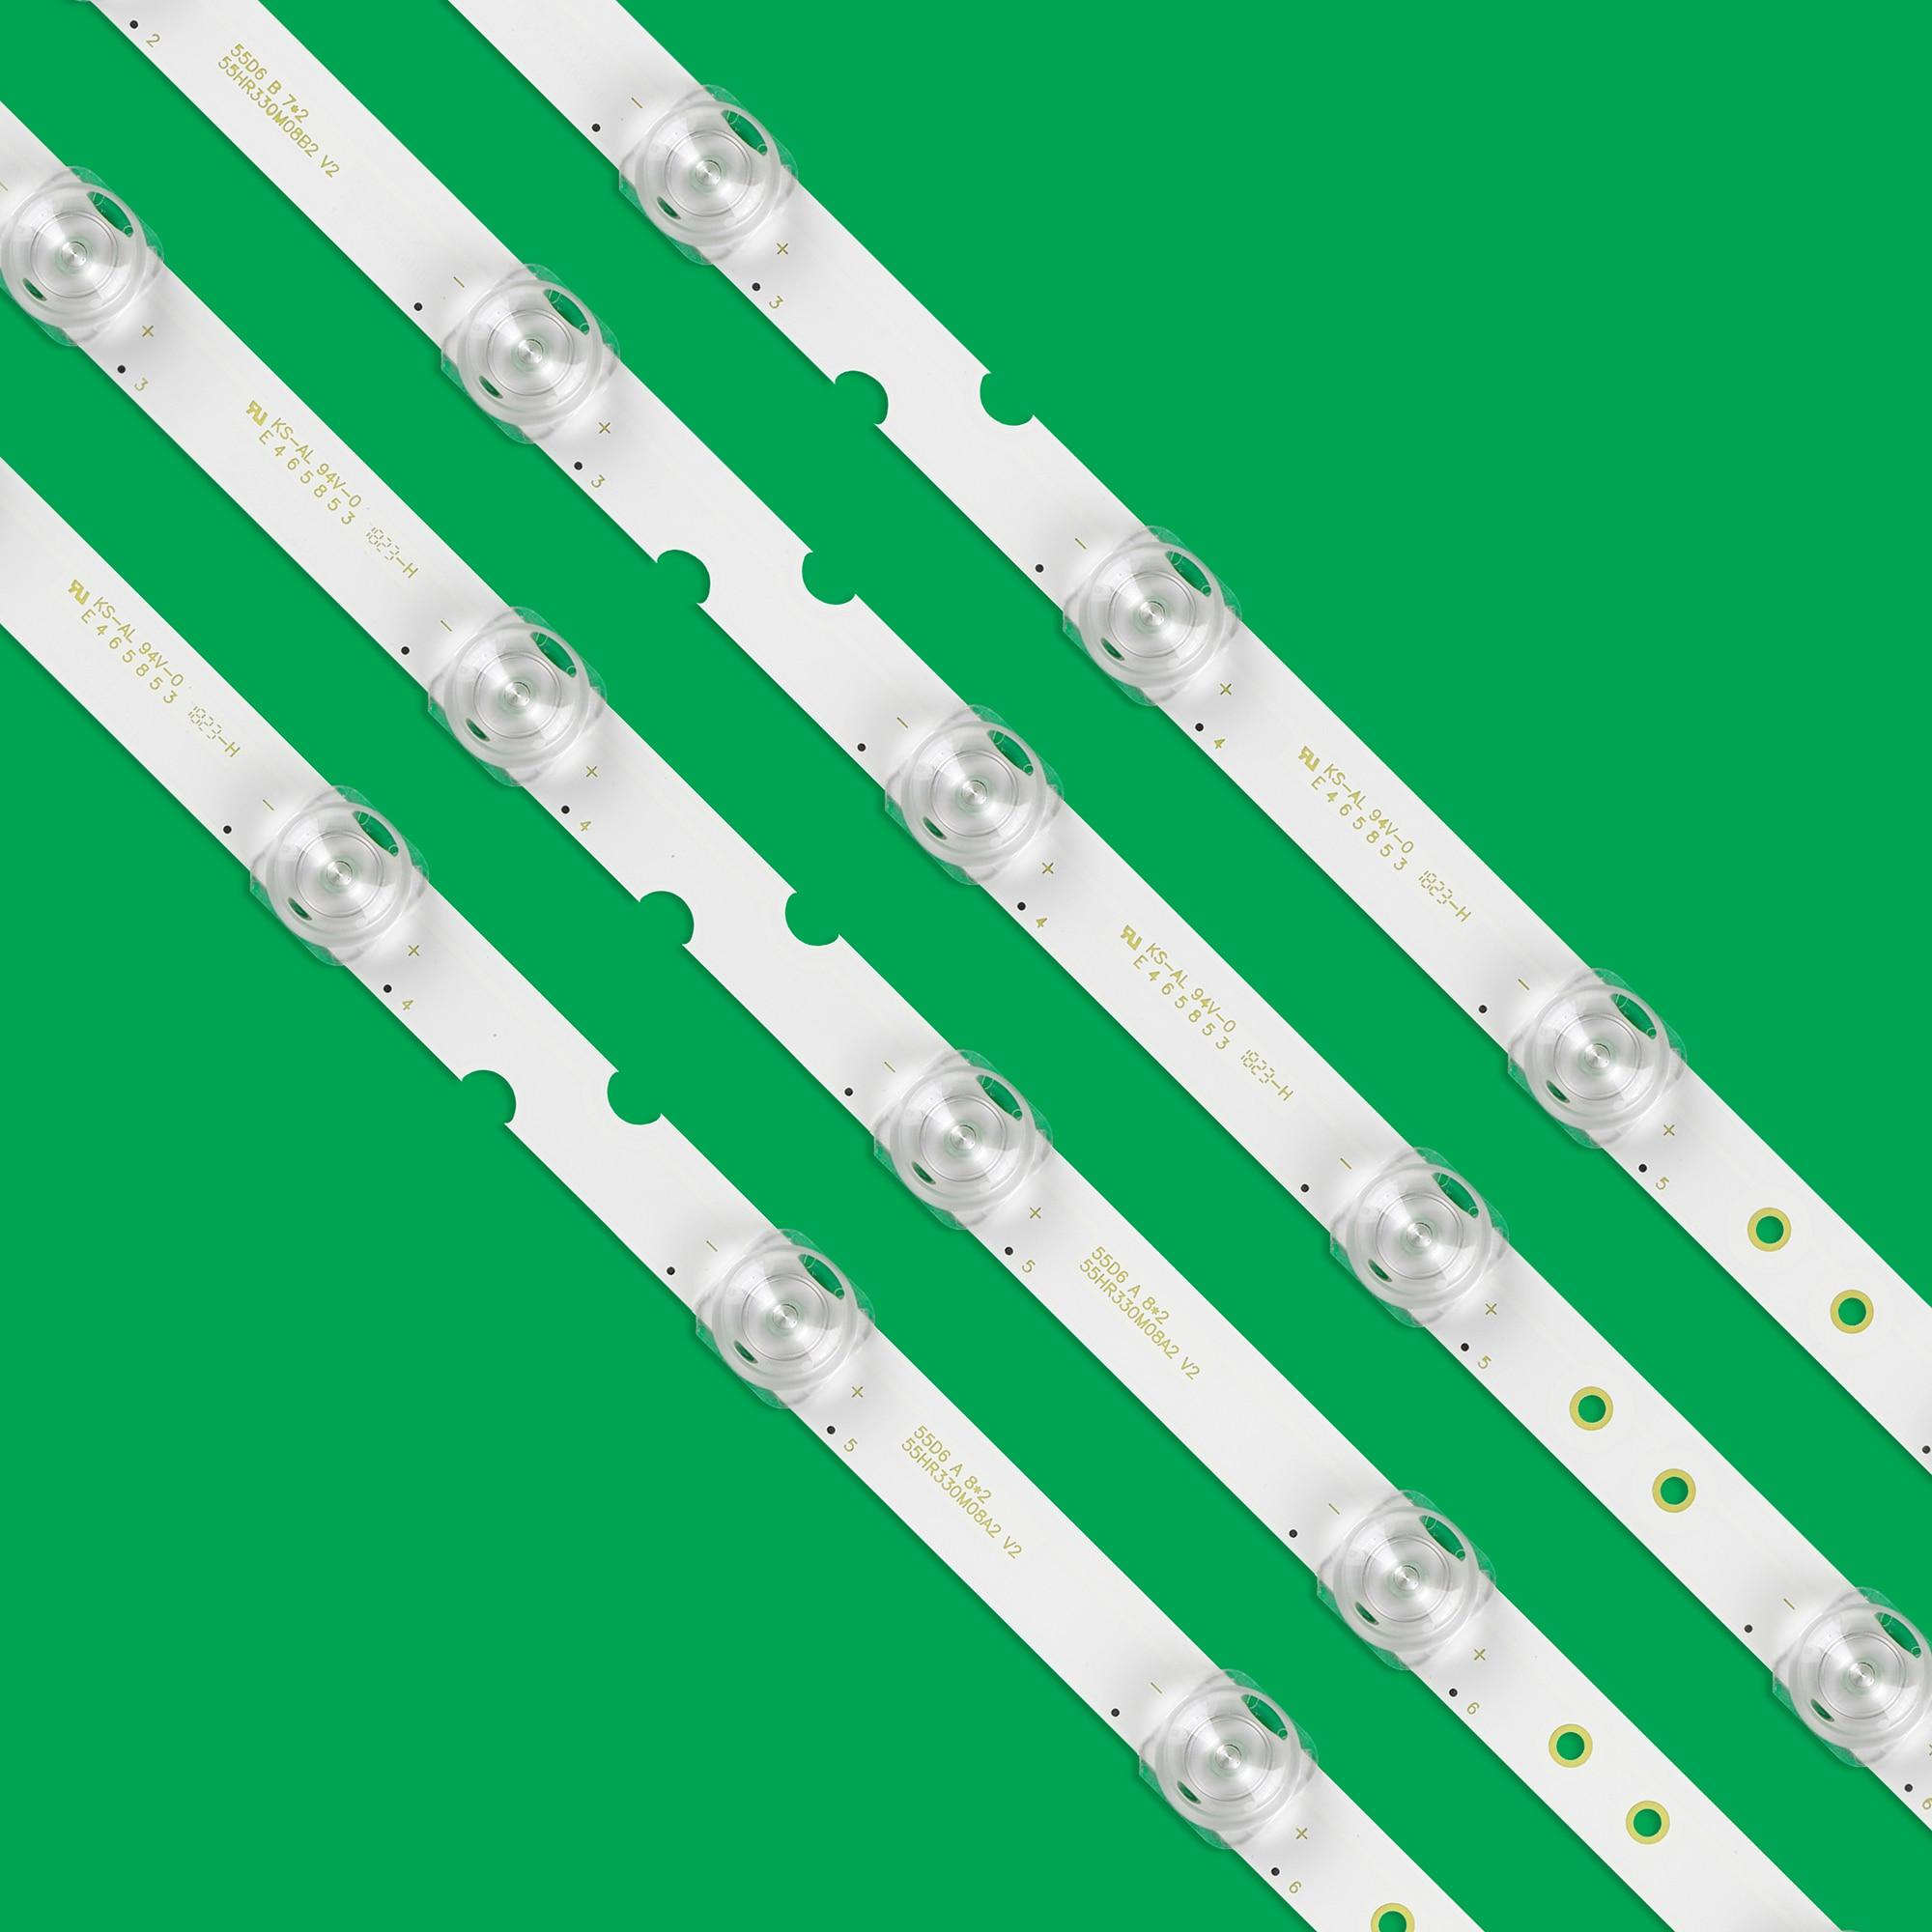 100set=400pcs LED Backlight strip for TCL 55P65US 55U3800C 55P65 55D6 55F6 55L2 4C-LB5507-PF02J HR03J 55HR330M07B2 55HR330M08A2 enlarge